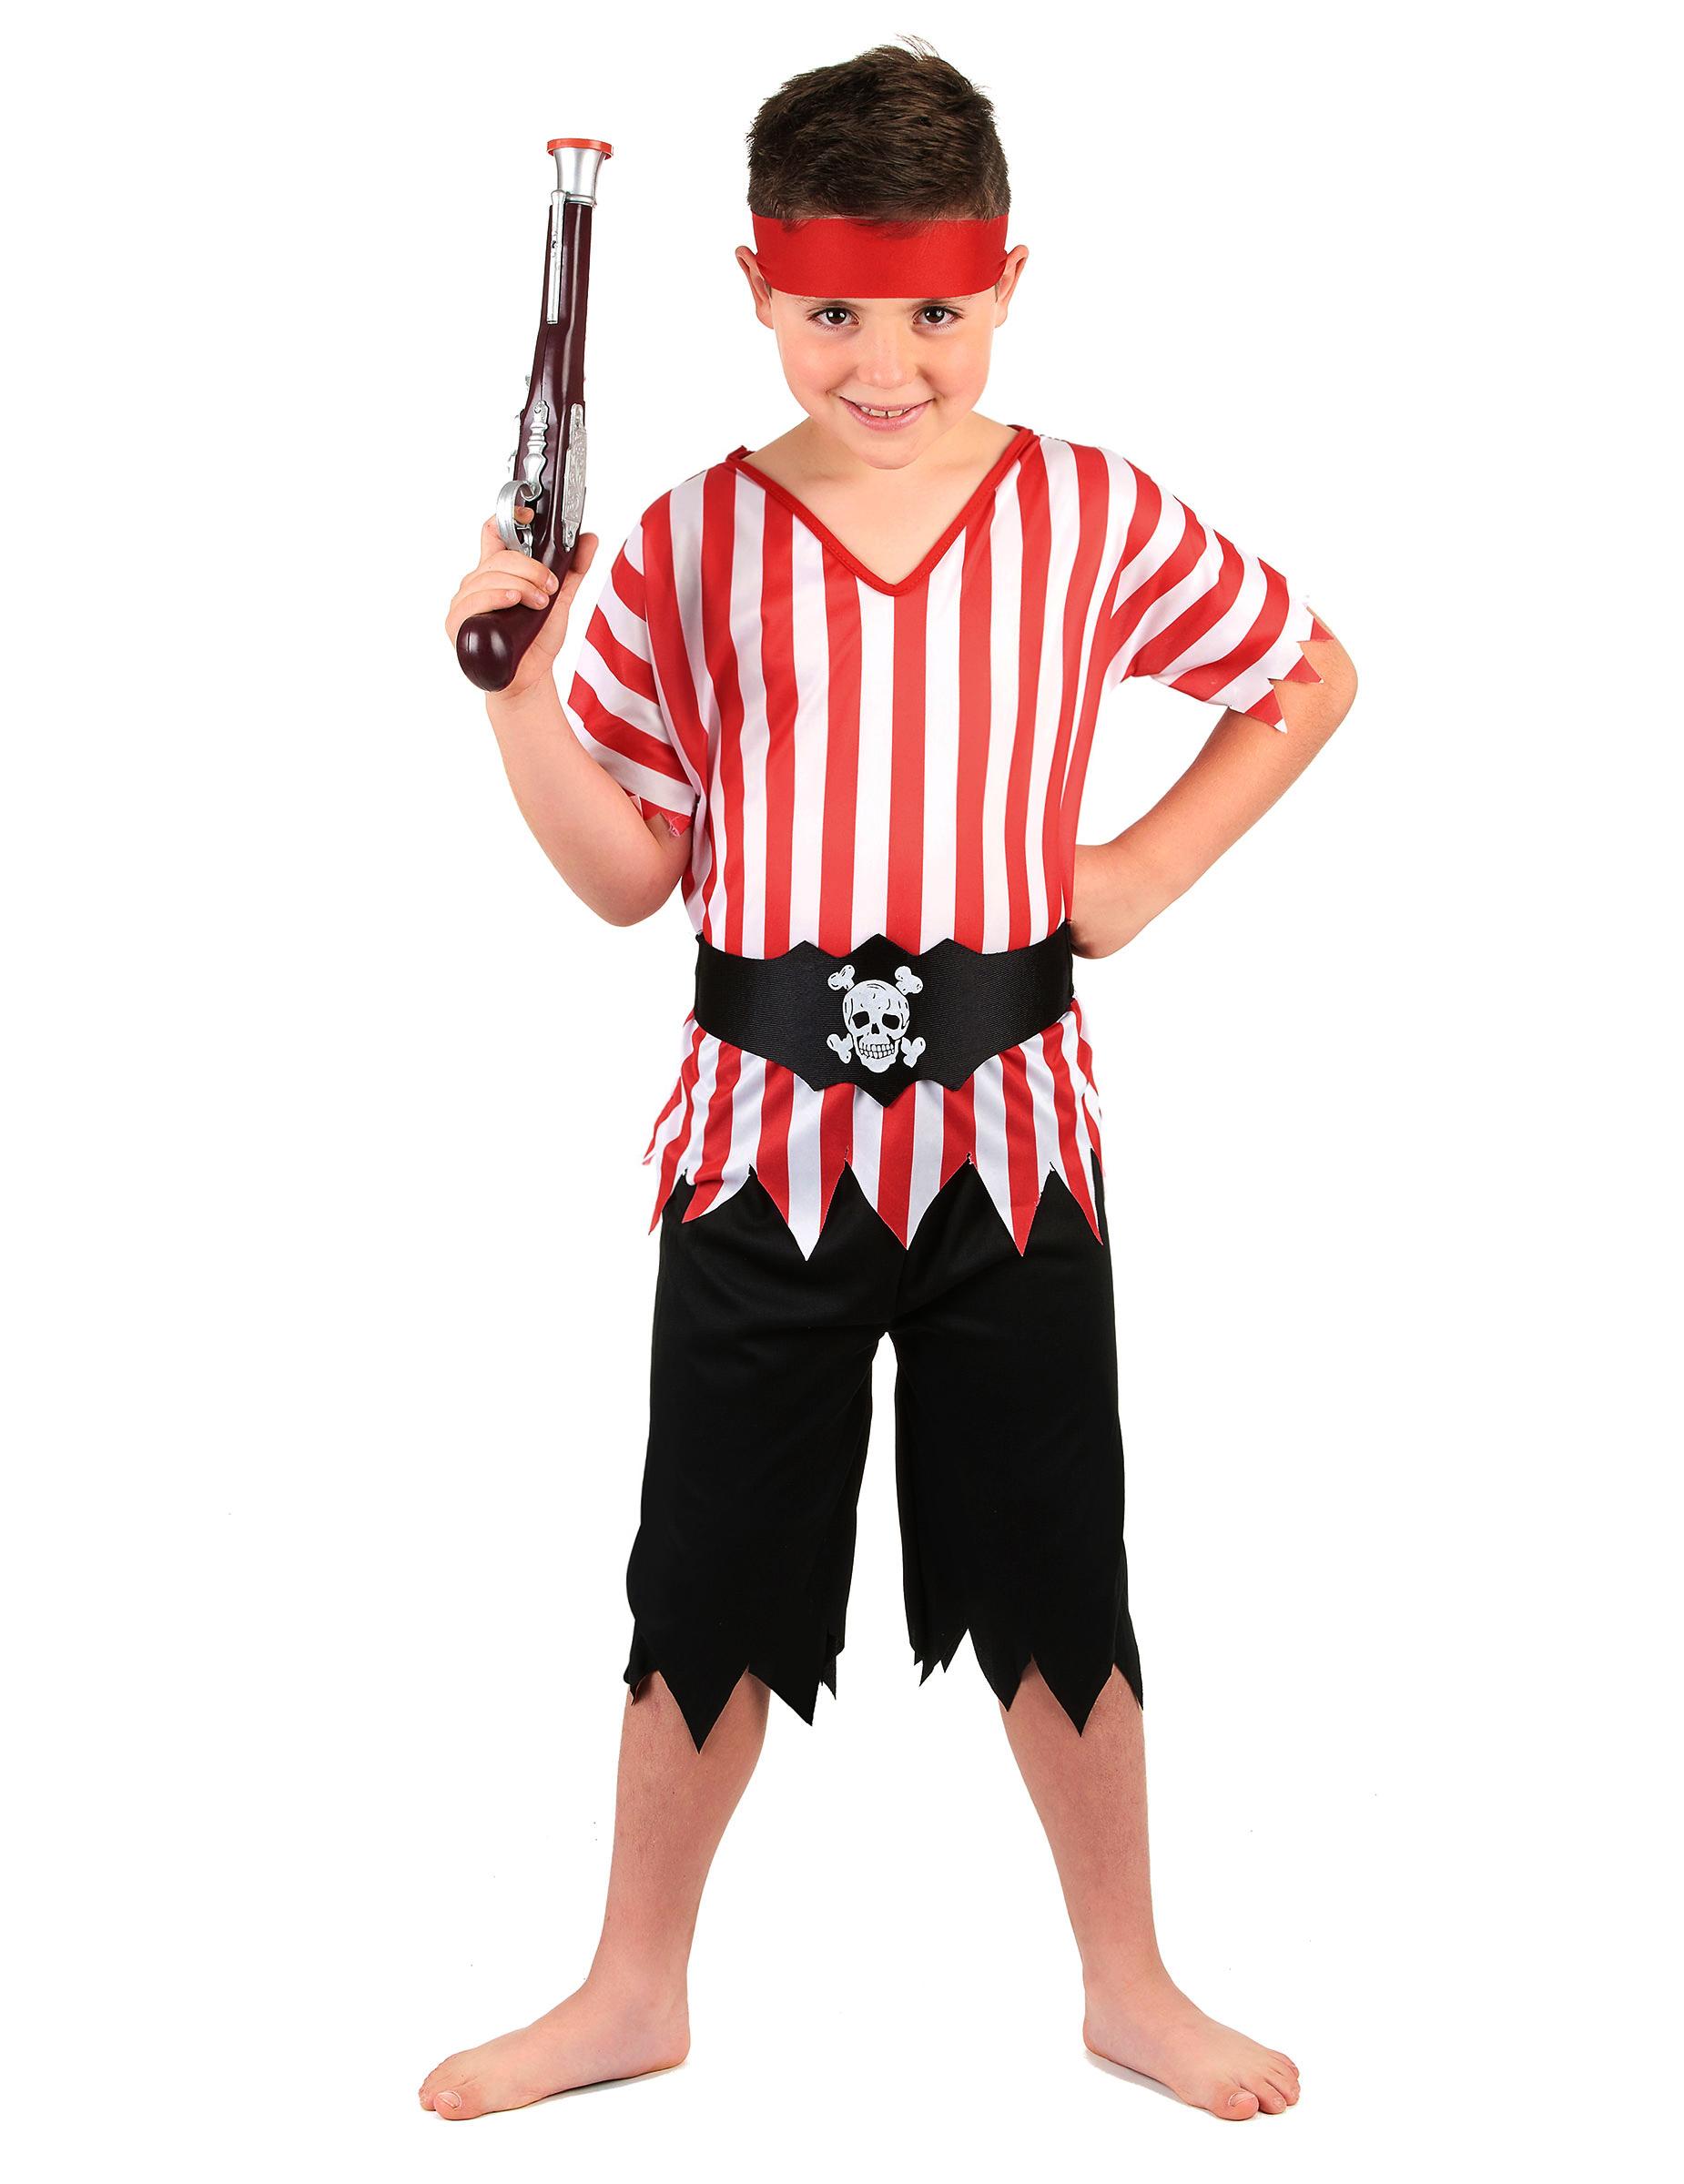 d guisement pirate tunique gar on d coration anniversaire et f tes th me sur vegaoo party